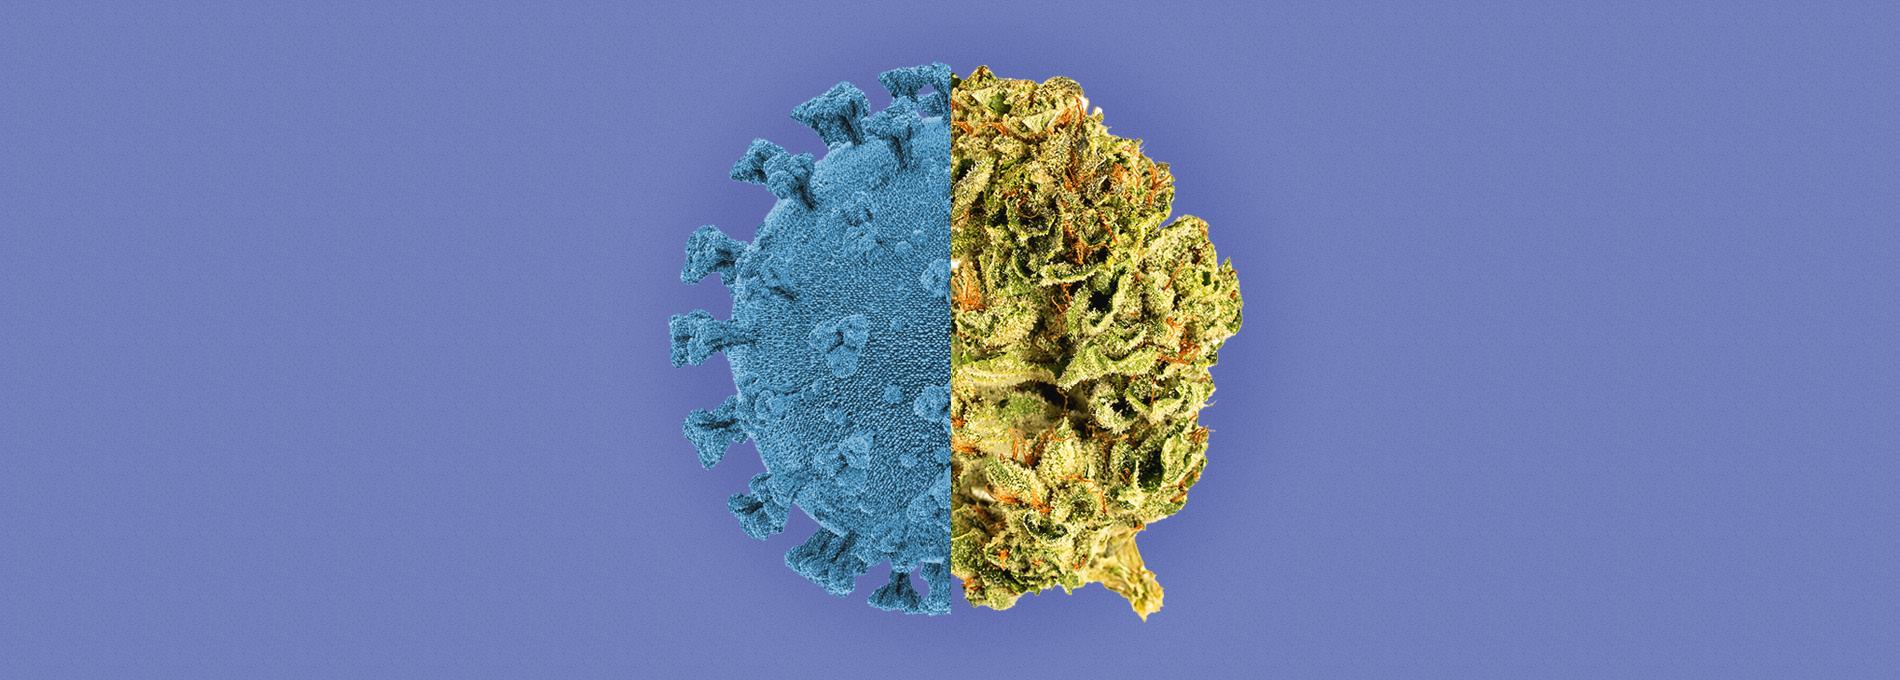 Cannabis e coronavírus: o que esperar dessa associação?